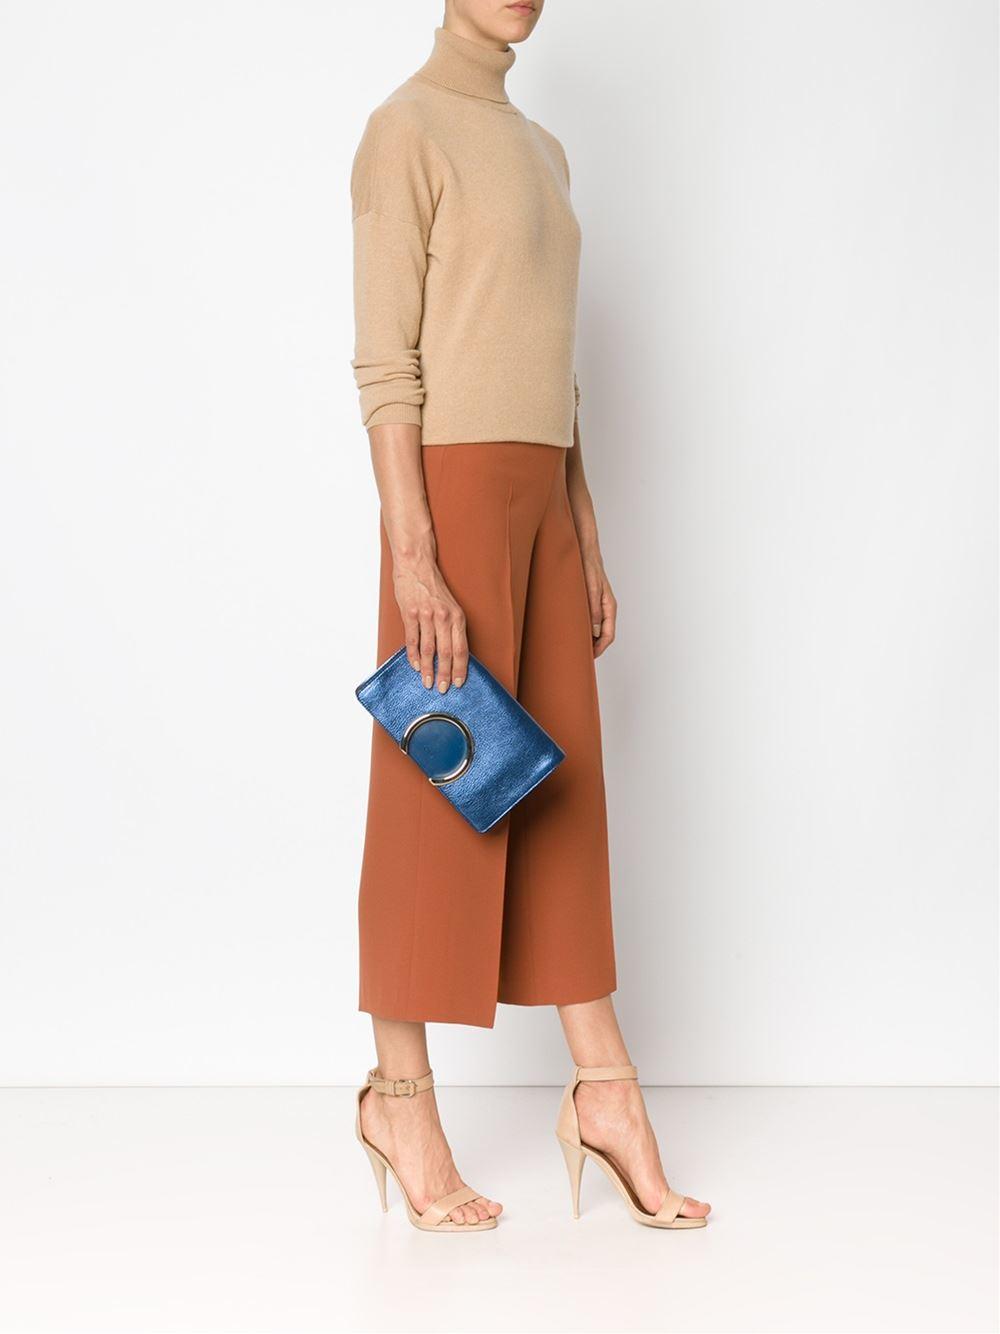 chloe marcie bag small - Chlo�� \u0026#39;Gabrielle\u0026#39; Clutch in Blue | Lyst